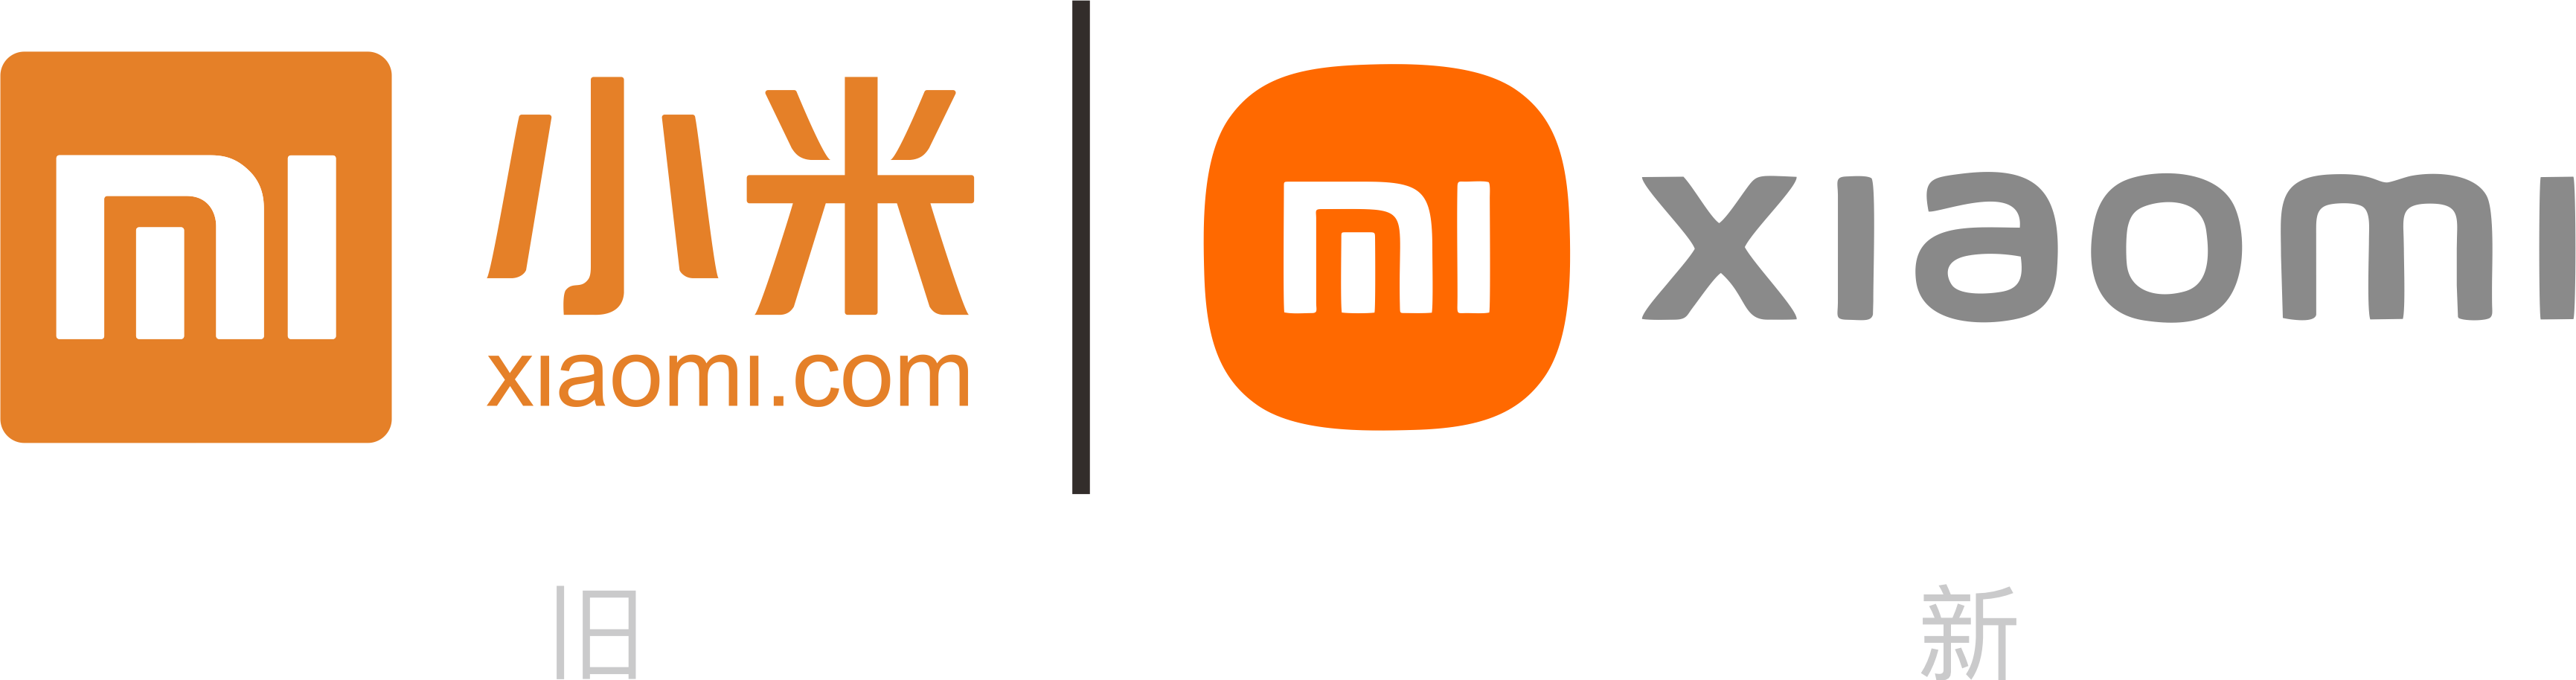 """小米启用新logo 这次的更新可谓""""真小米""""由日本设计大师原研哉操刀"""